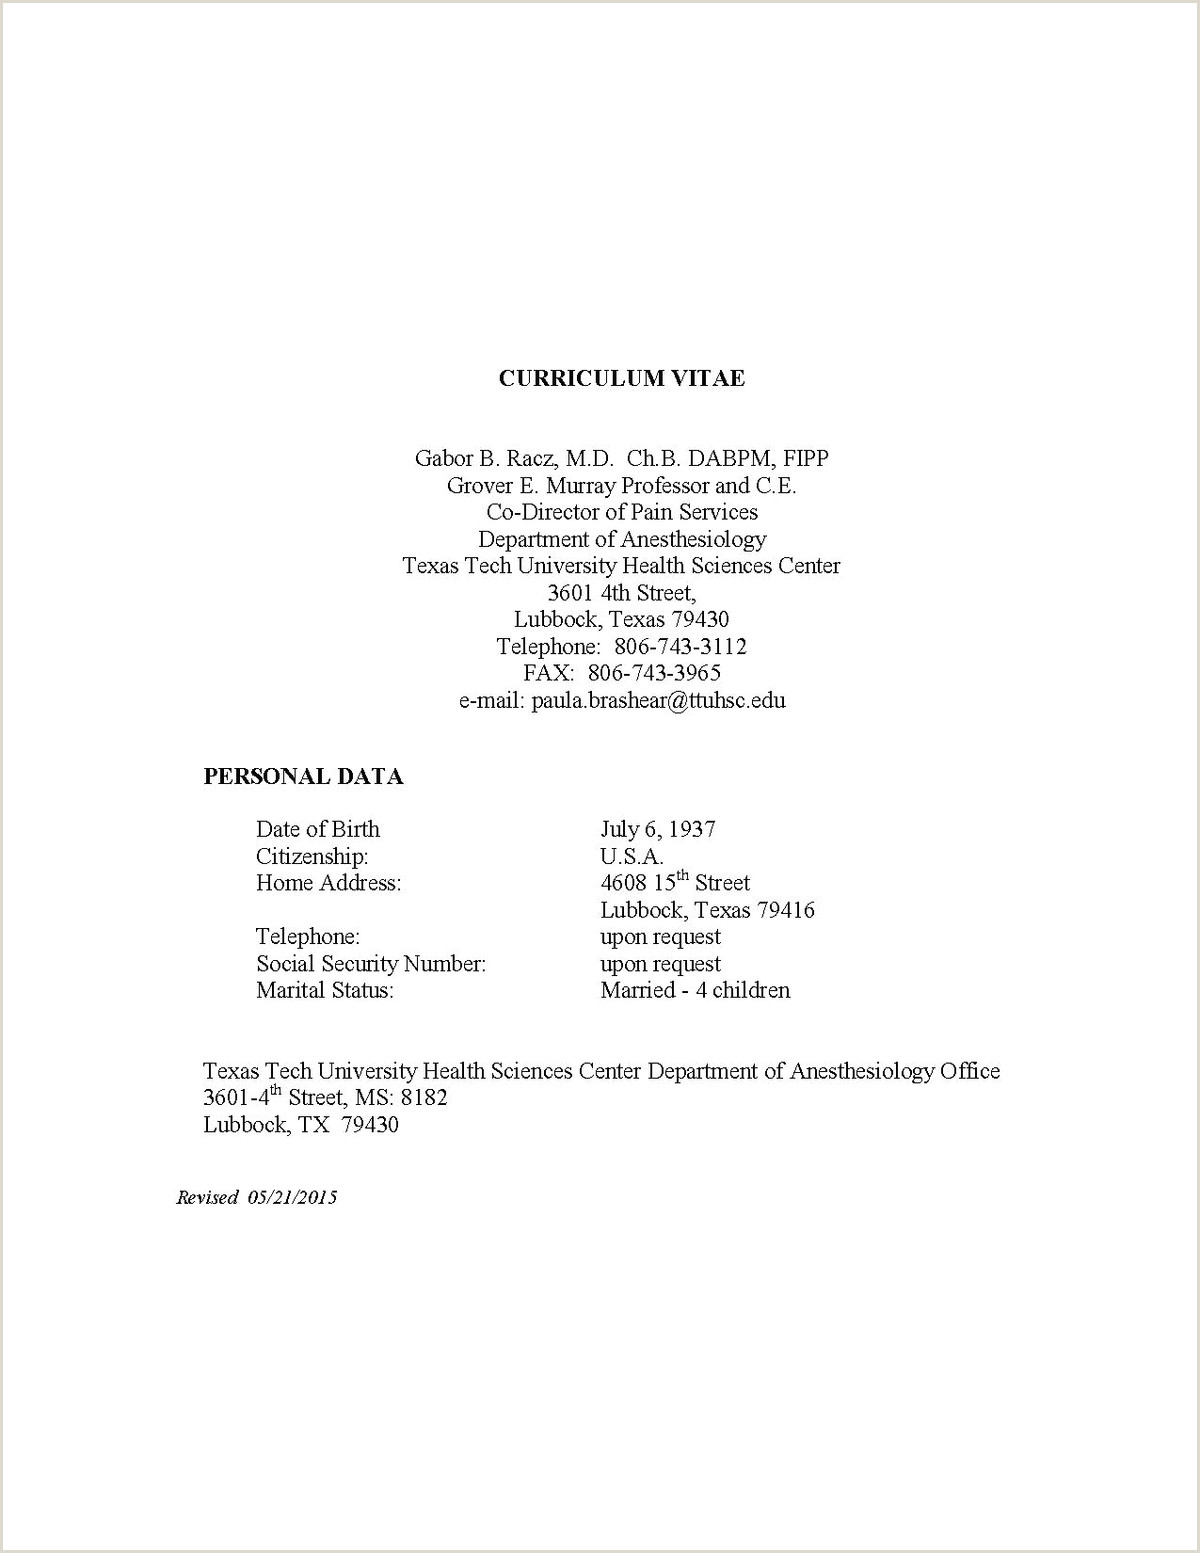 Resume format for Uae Jobs Curriculum Vitae